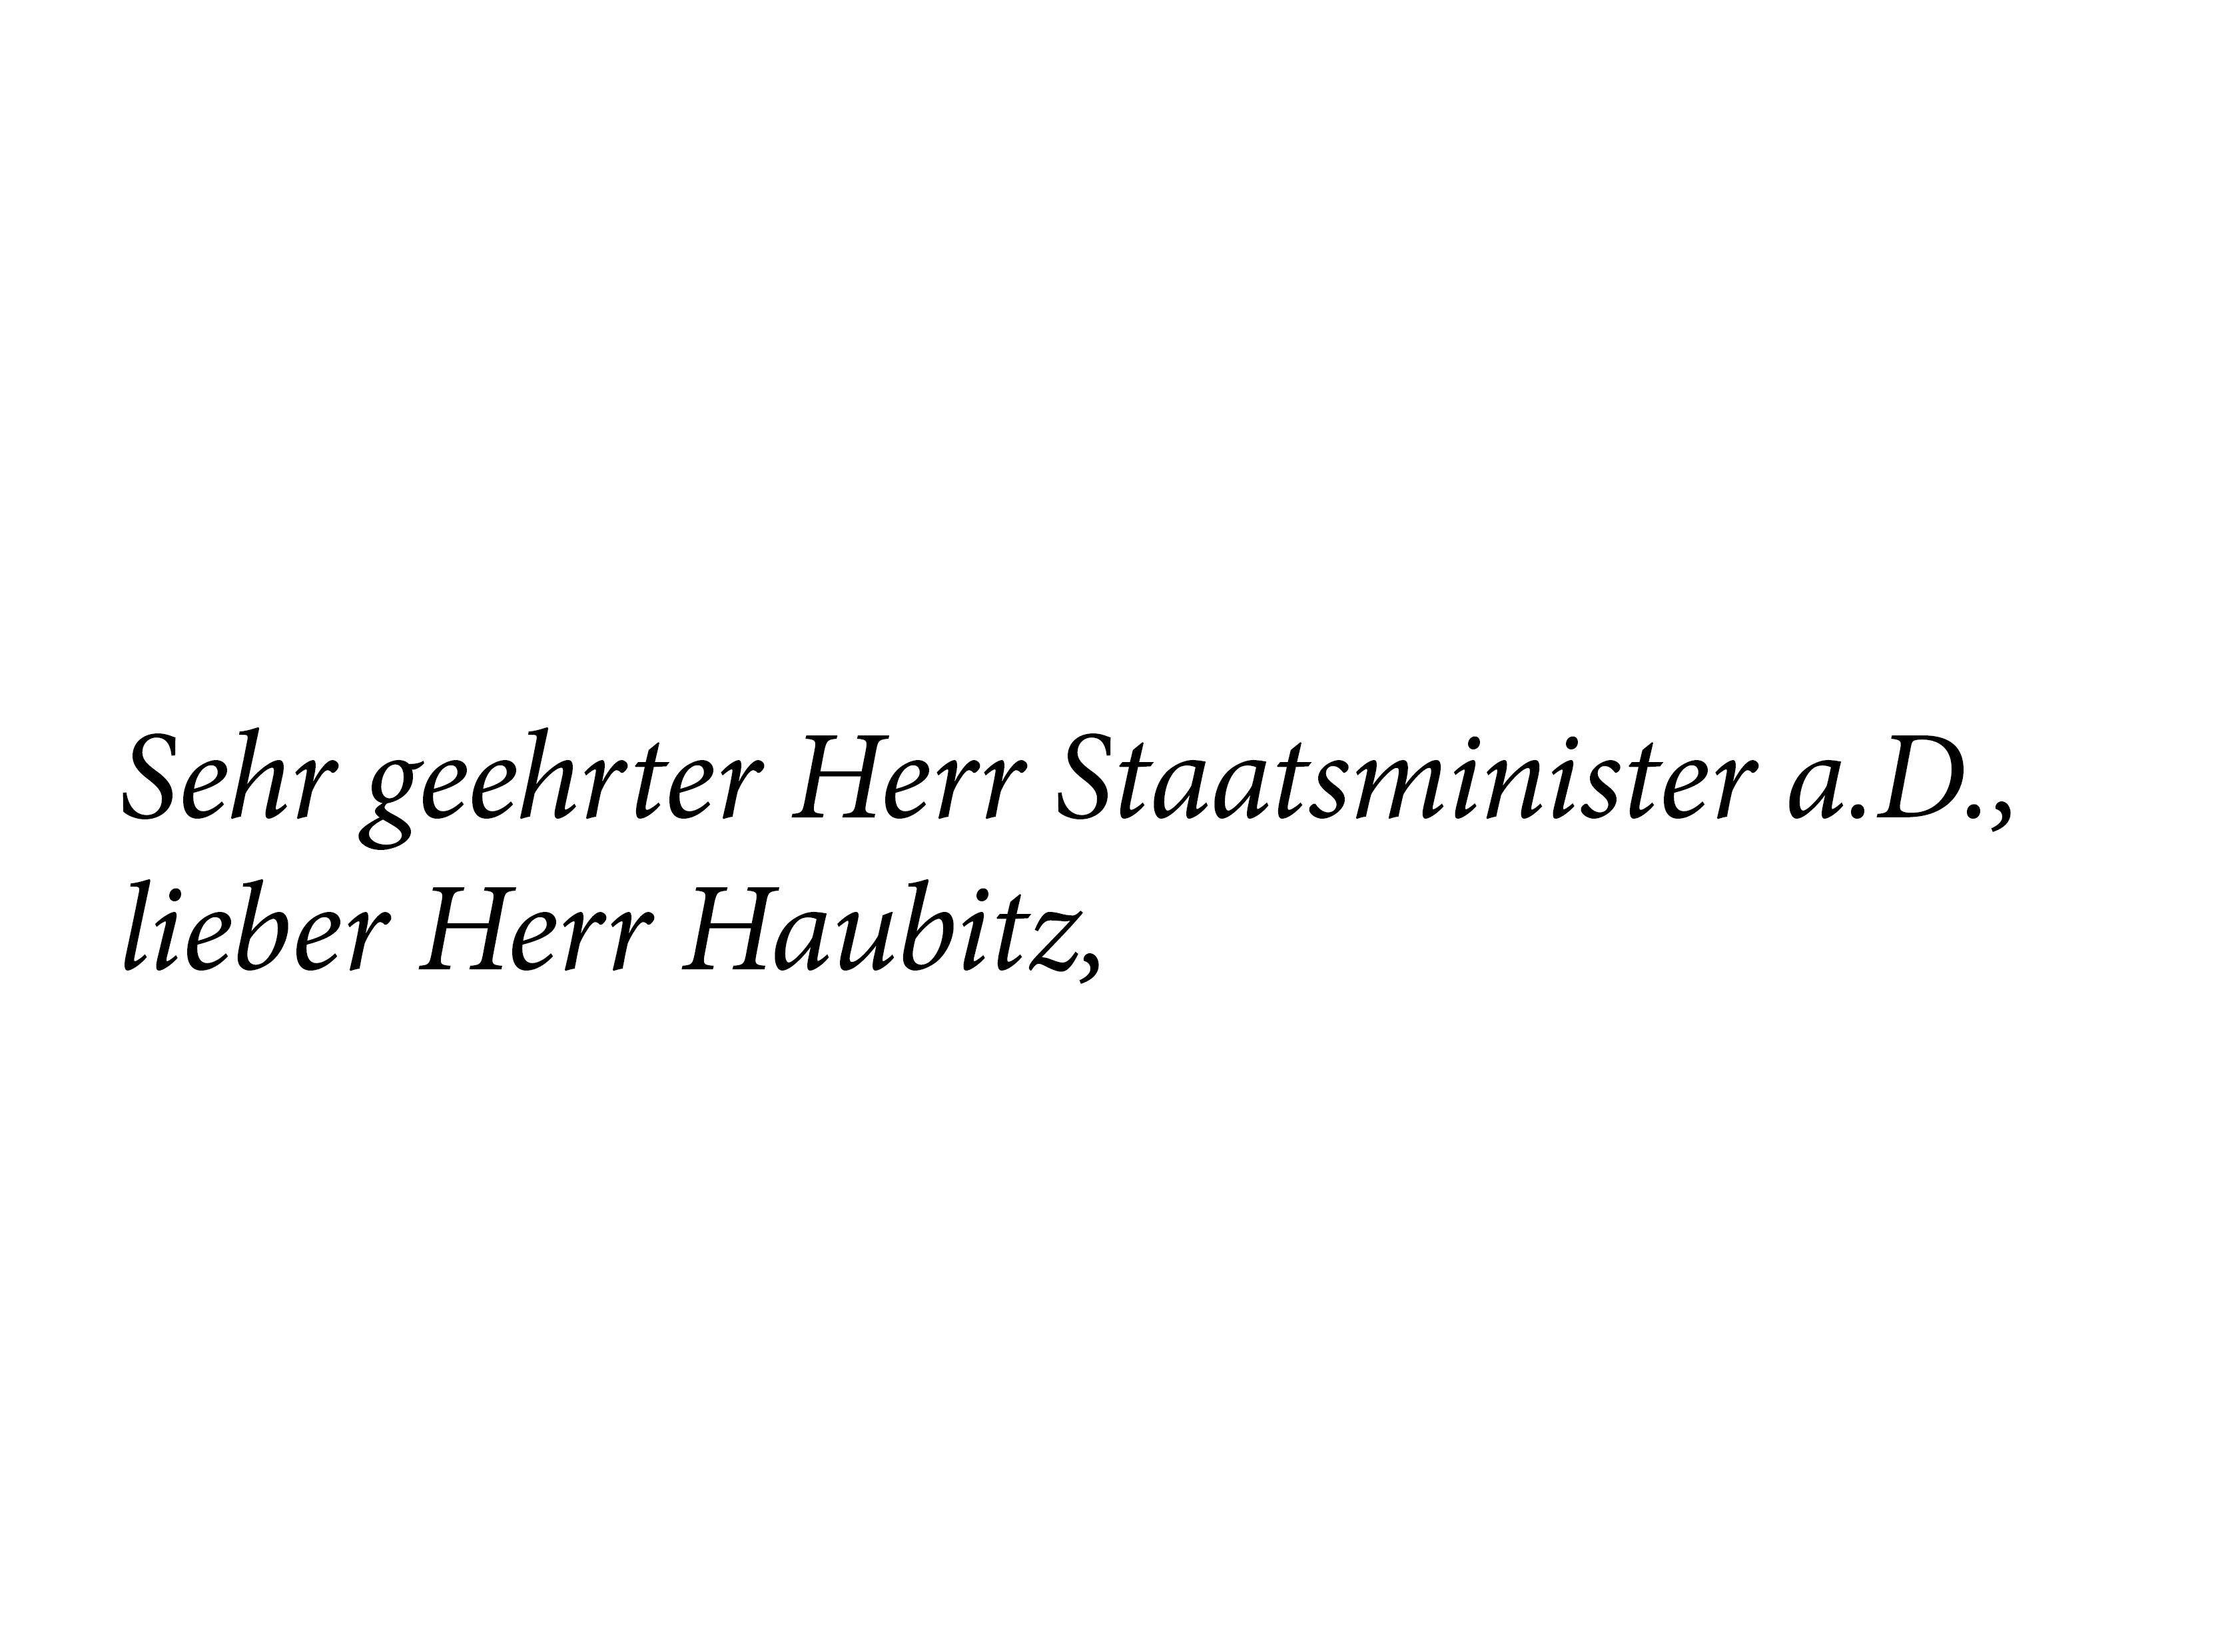 Antwort auf Haubitz-Interview